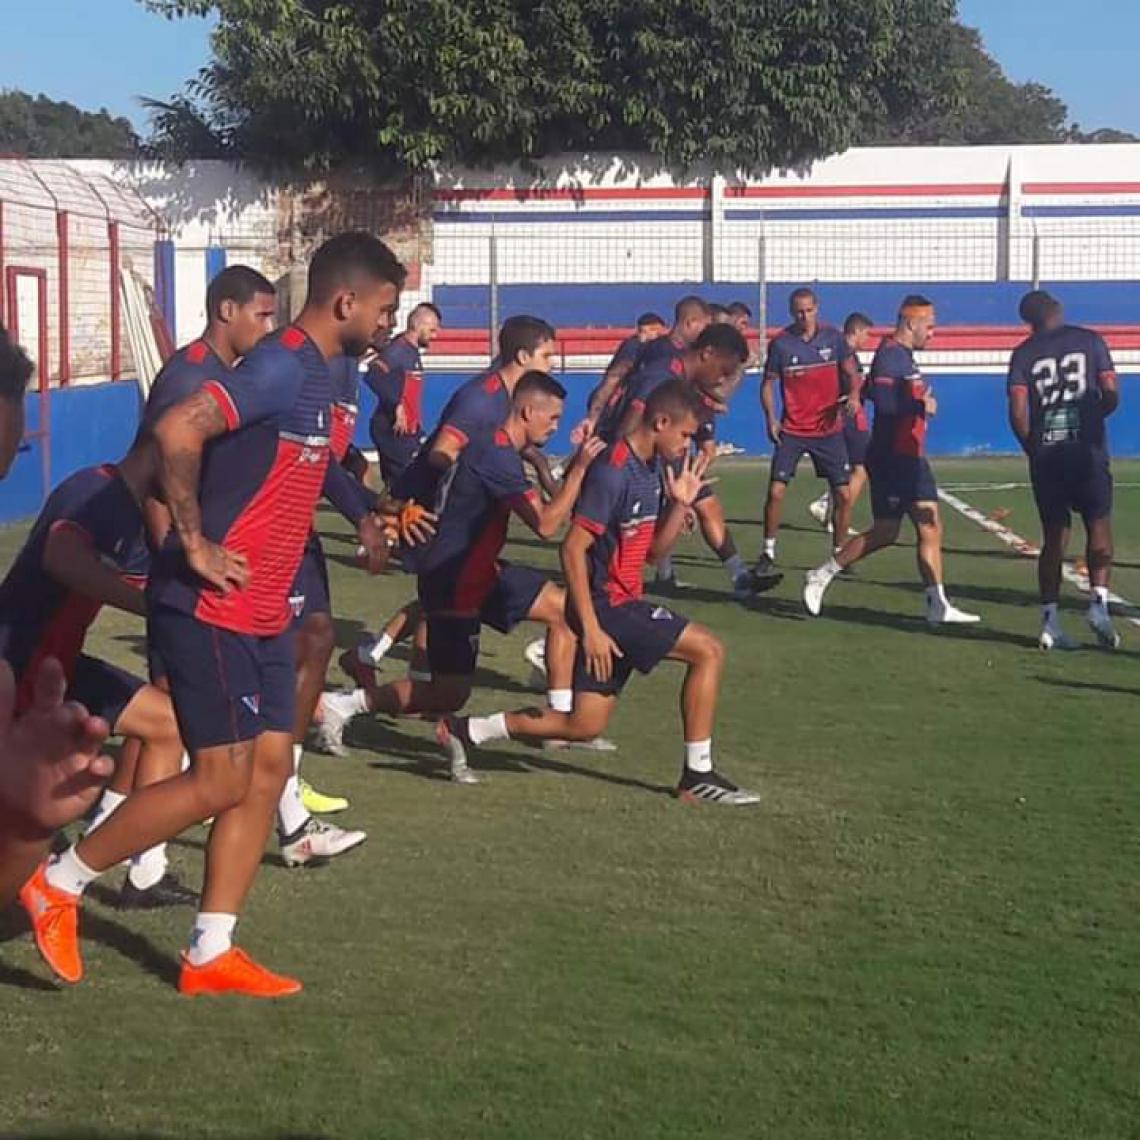 Com treino no Pici, Fortaleza finaliza a preparação para enfrentar o CSA - O POVO